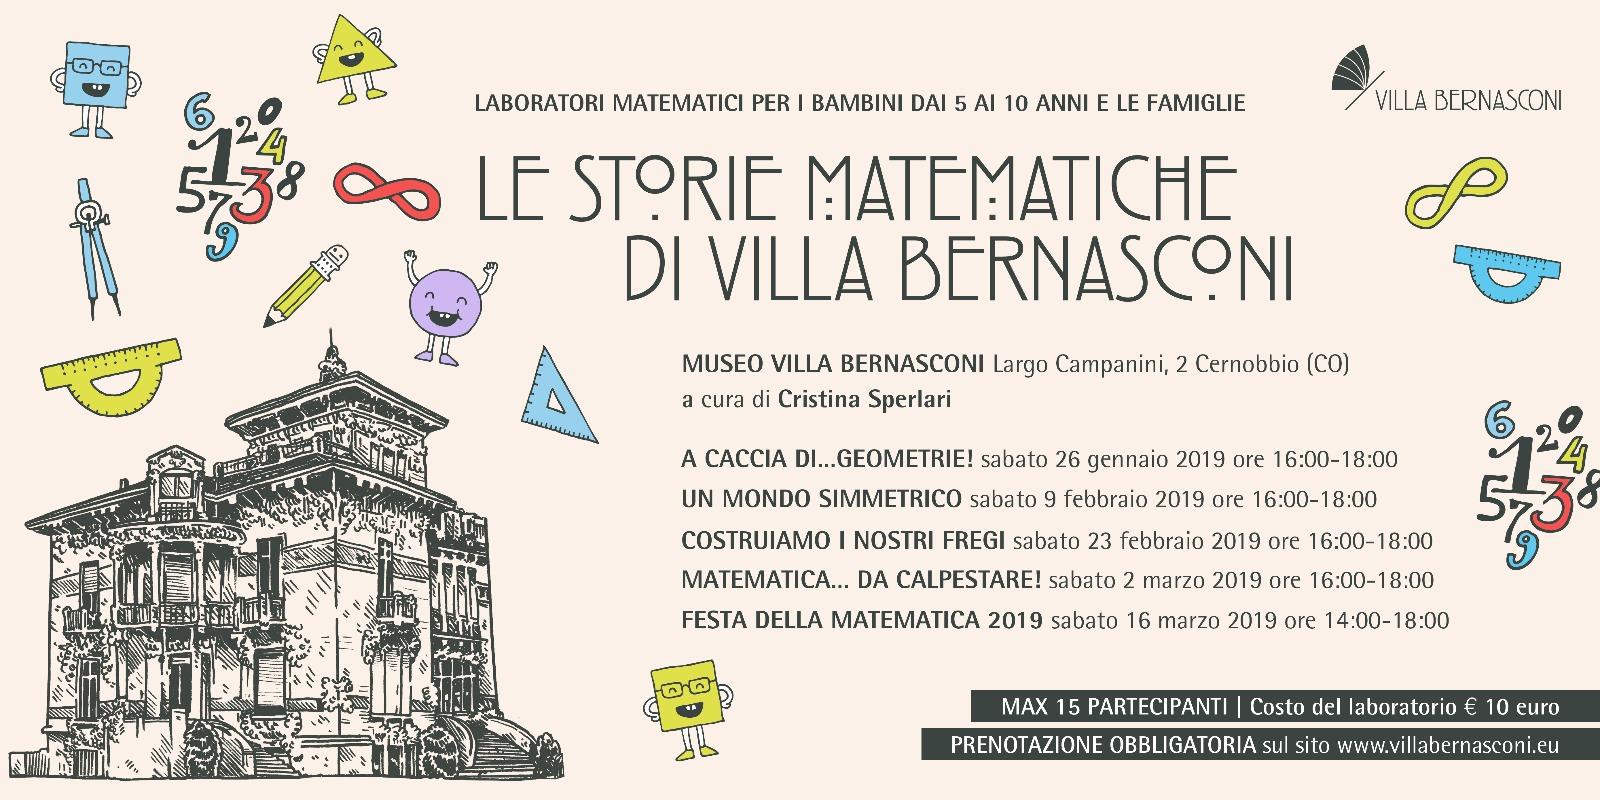 Festa della matematica 2019